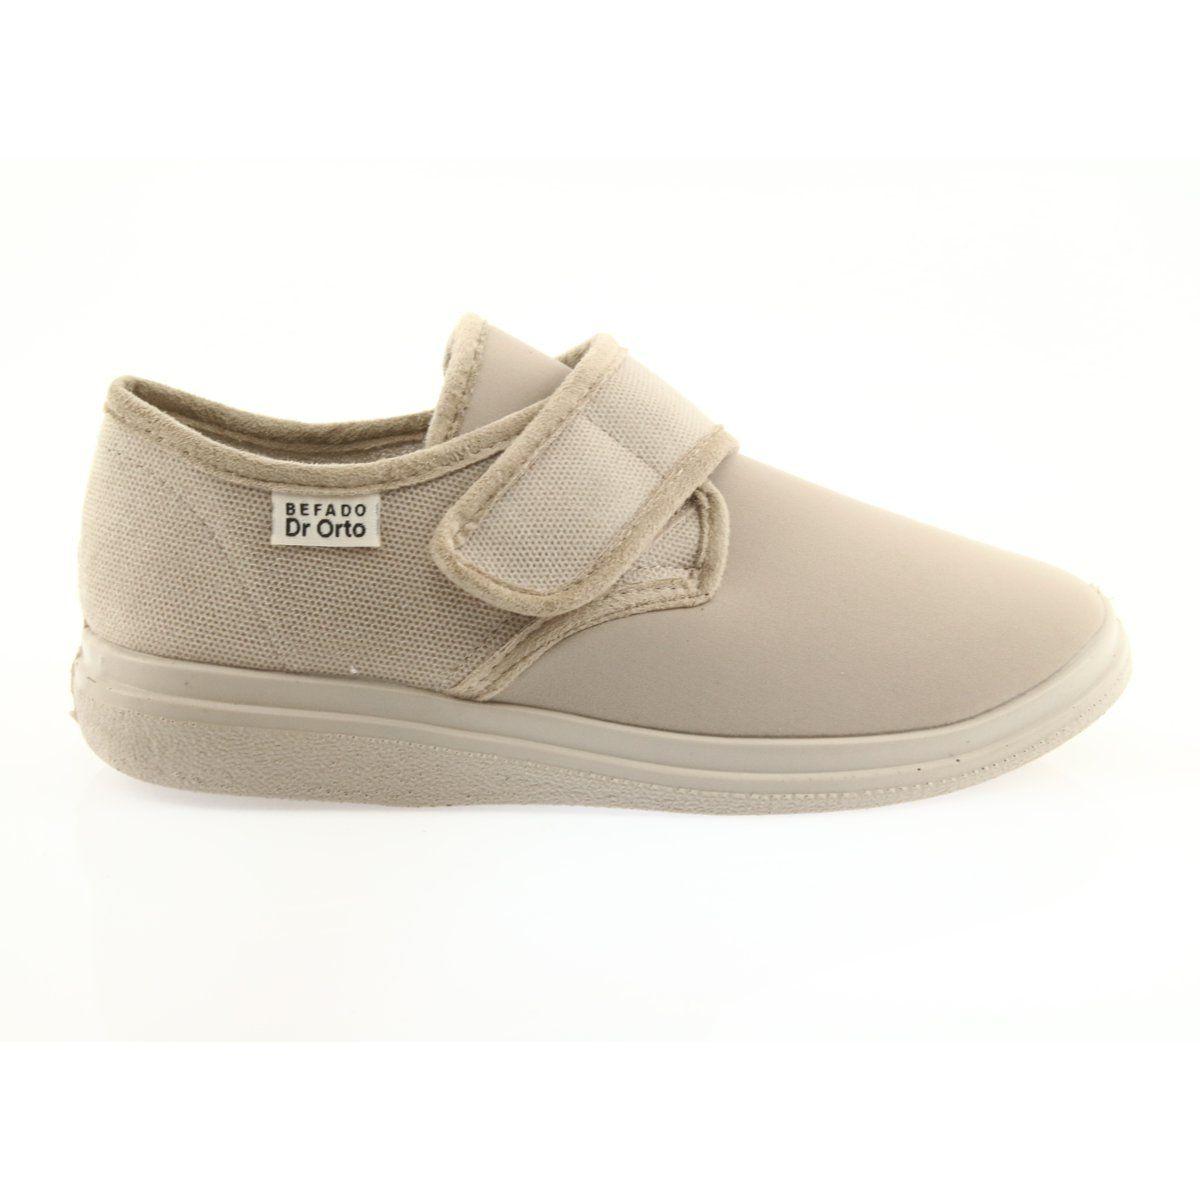 Befado Women S Shoes Pu 036d024 Brown Women Shoes Homemade Shoes Womens Slippers